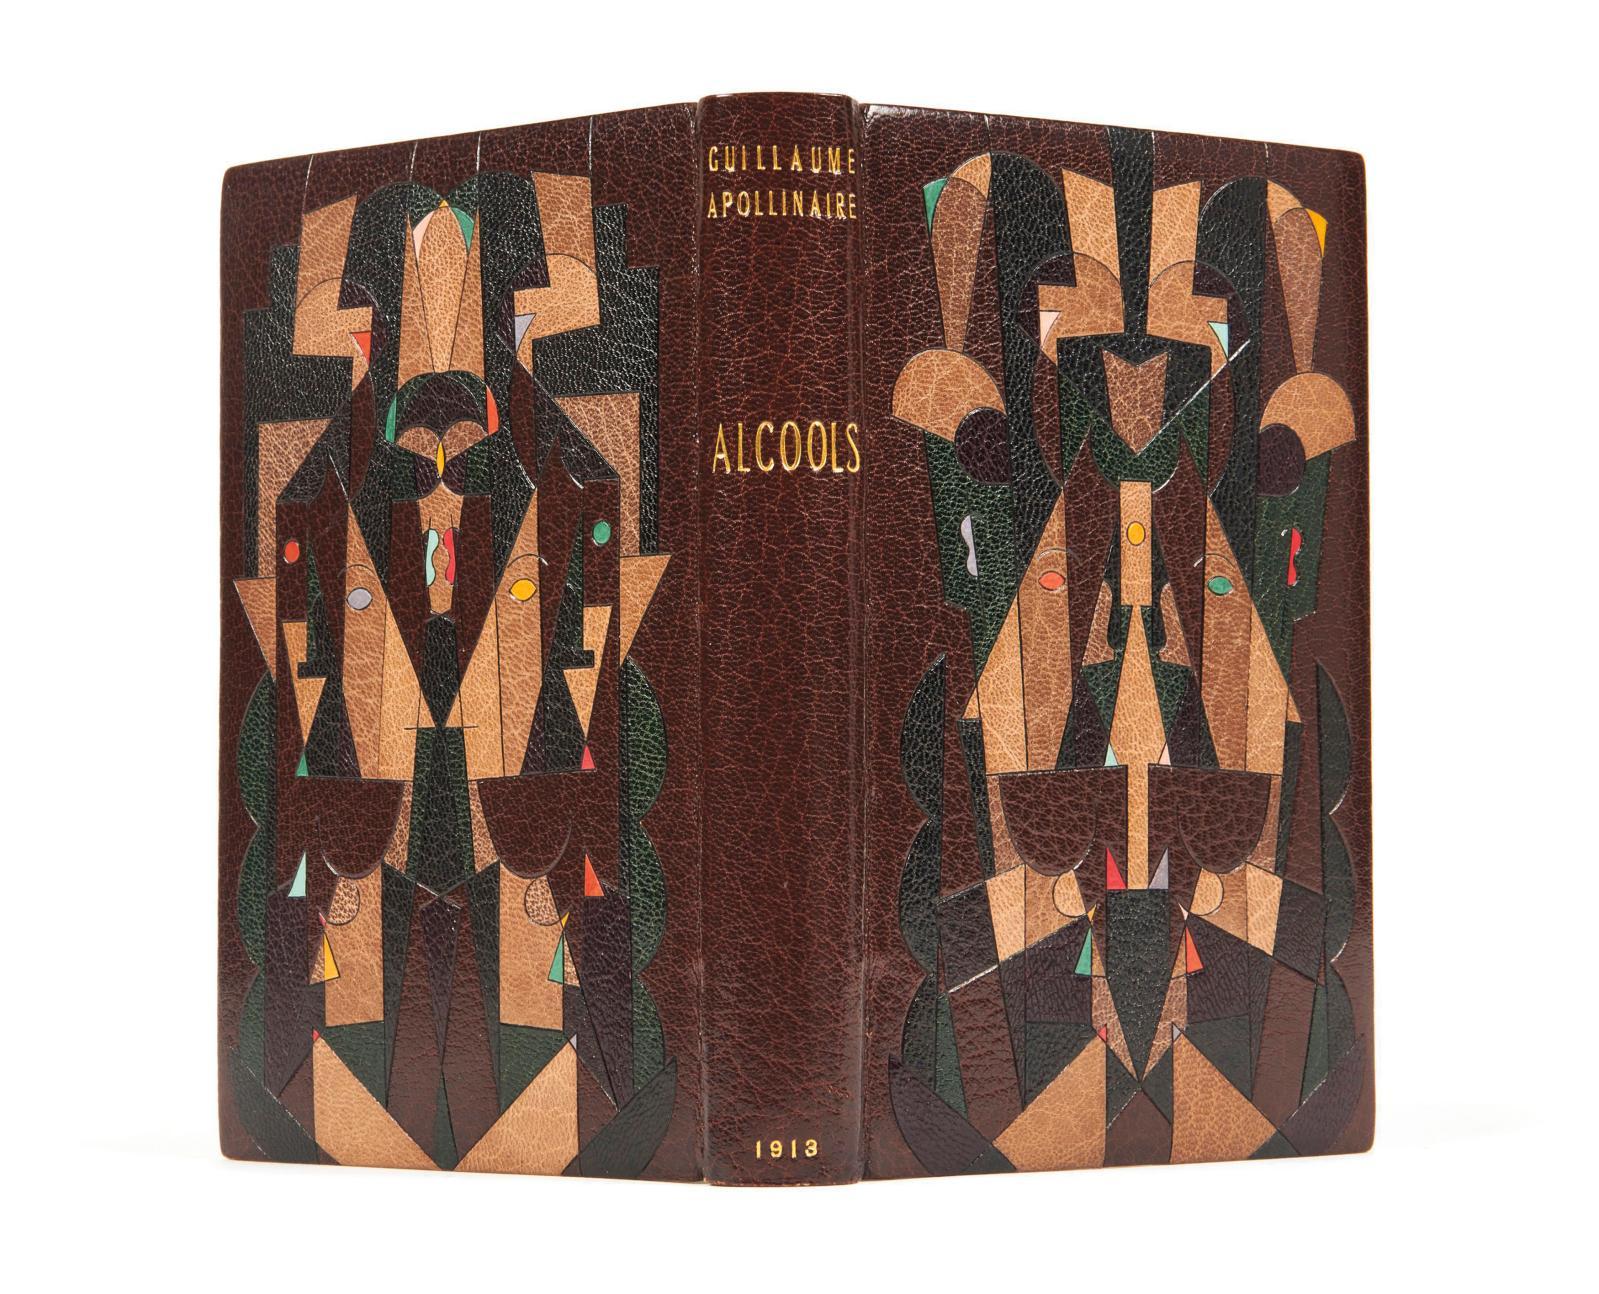 Guillaume Apollinaire (1880-1918), Alcools. Poèmes (1898-1913), édition originale, Paris,Mercure de France, 1913, in-12, reliure de Paul B